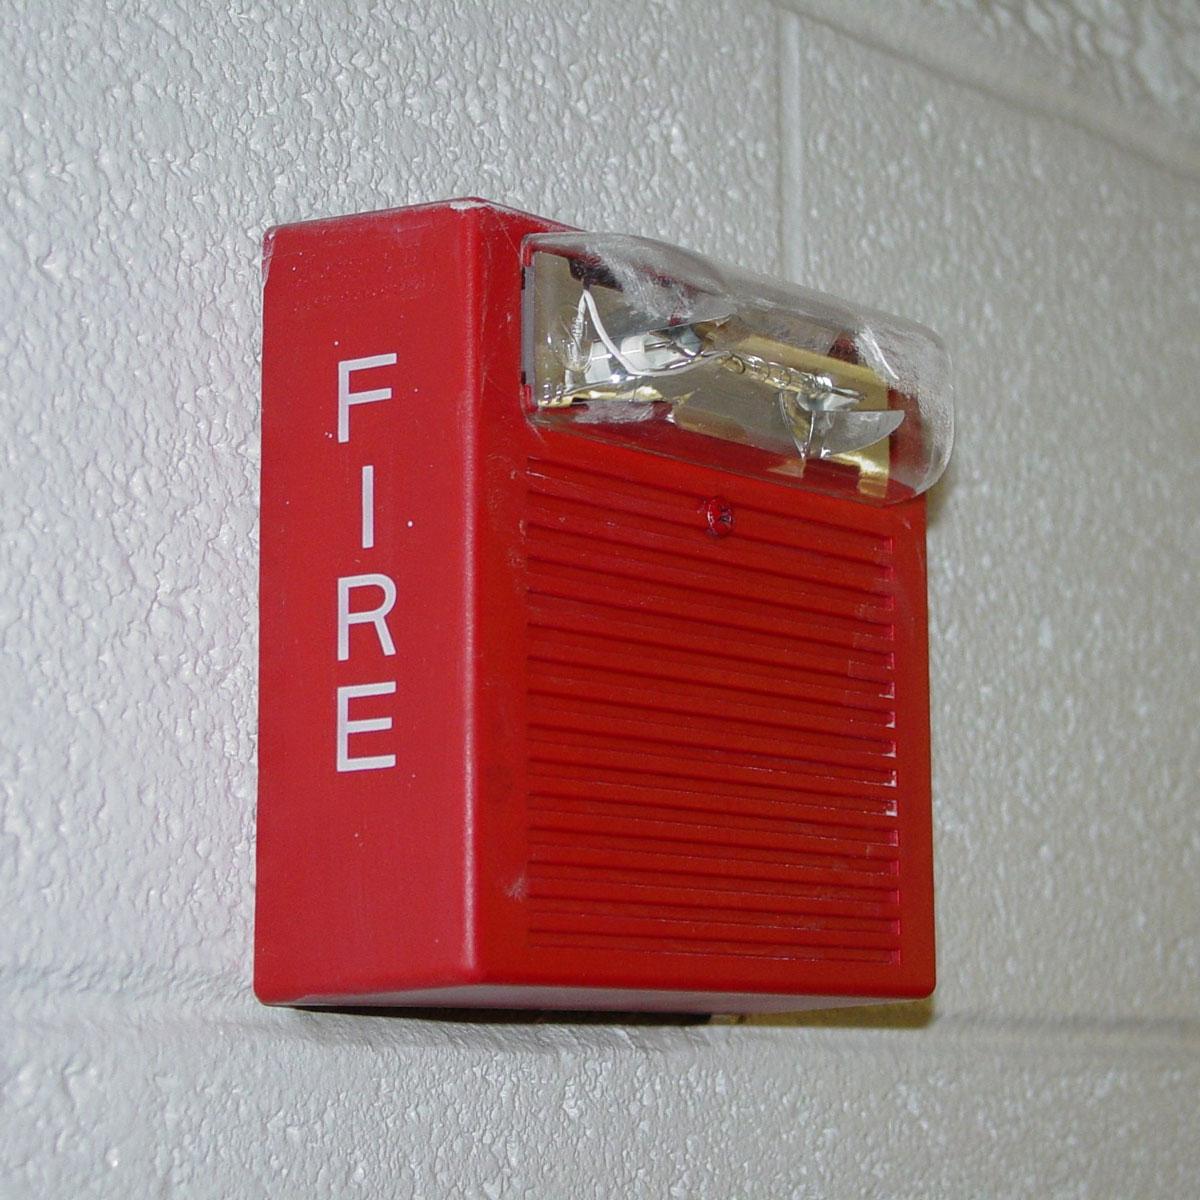 установка автоматической пожарной сигнализации и системы пожаротушения